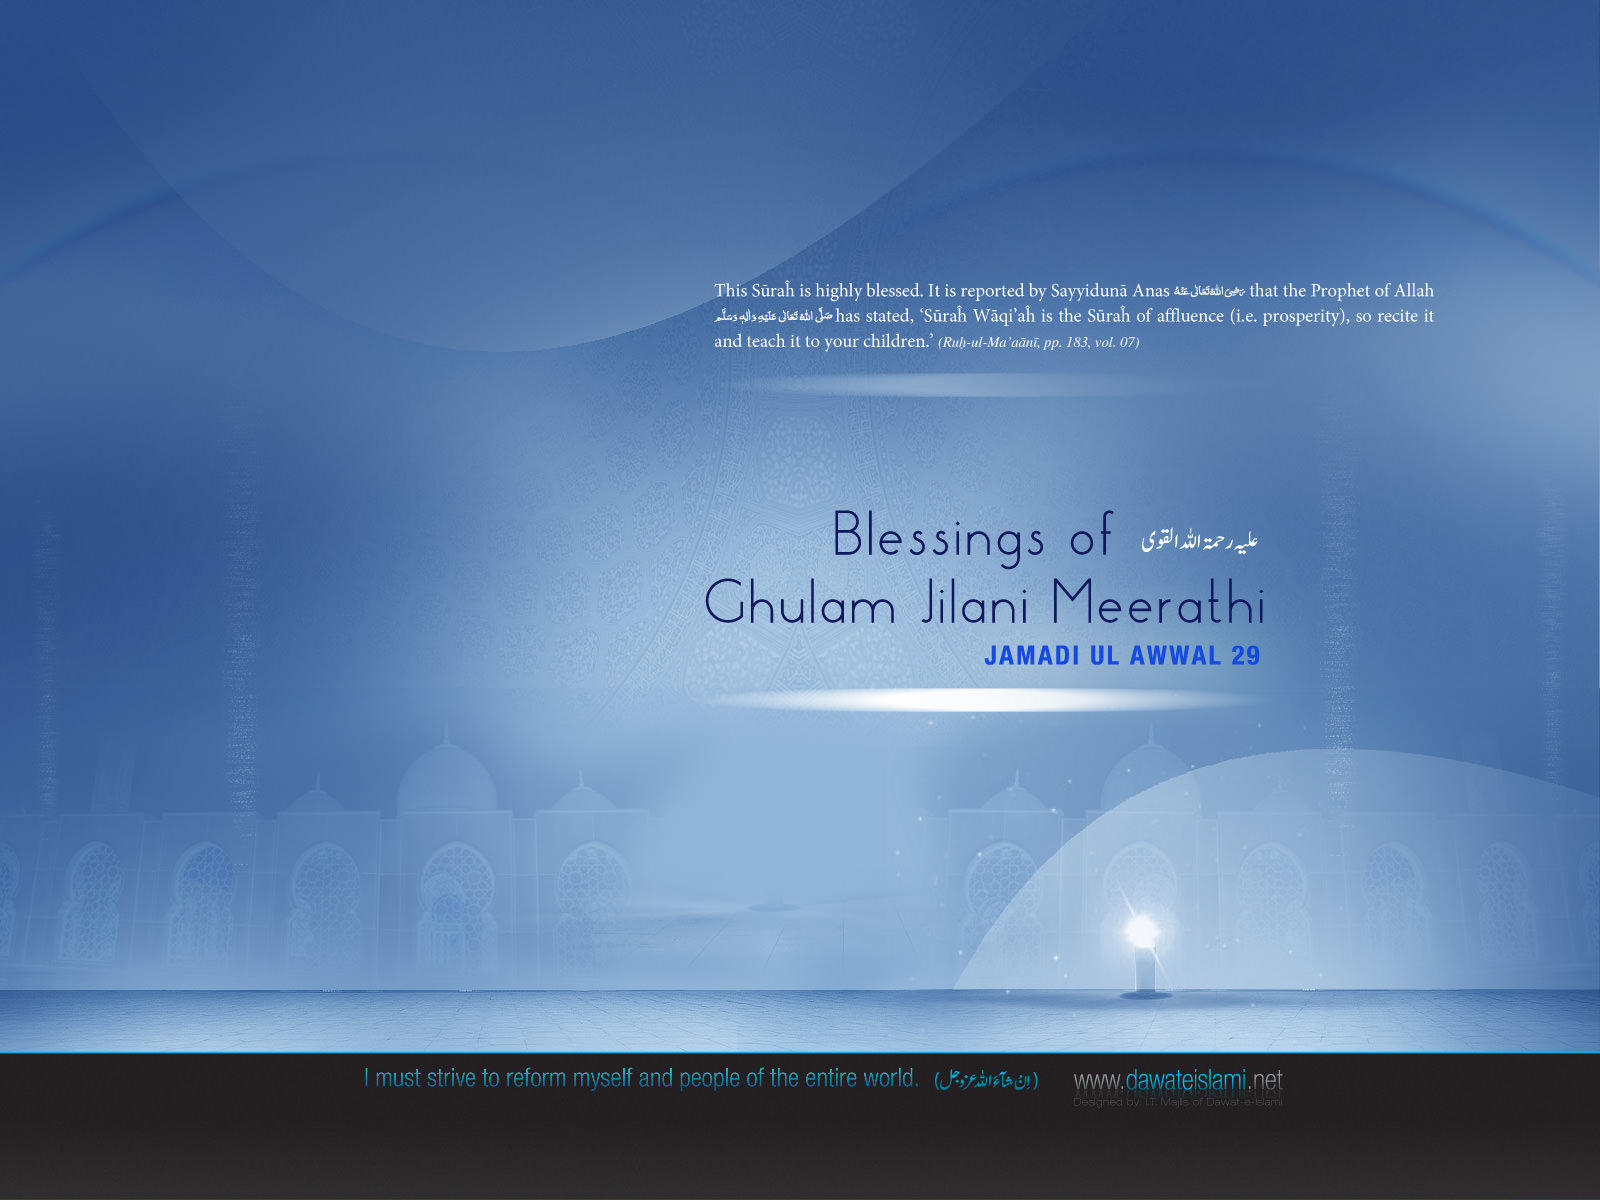 Wallpaper Blessings Of Ghulam Jilani Meerathi